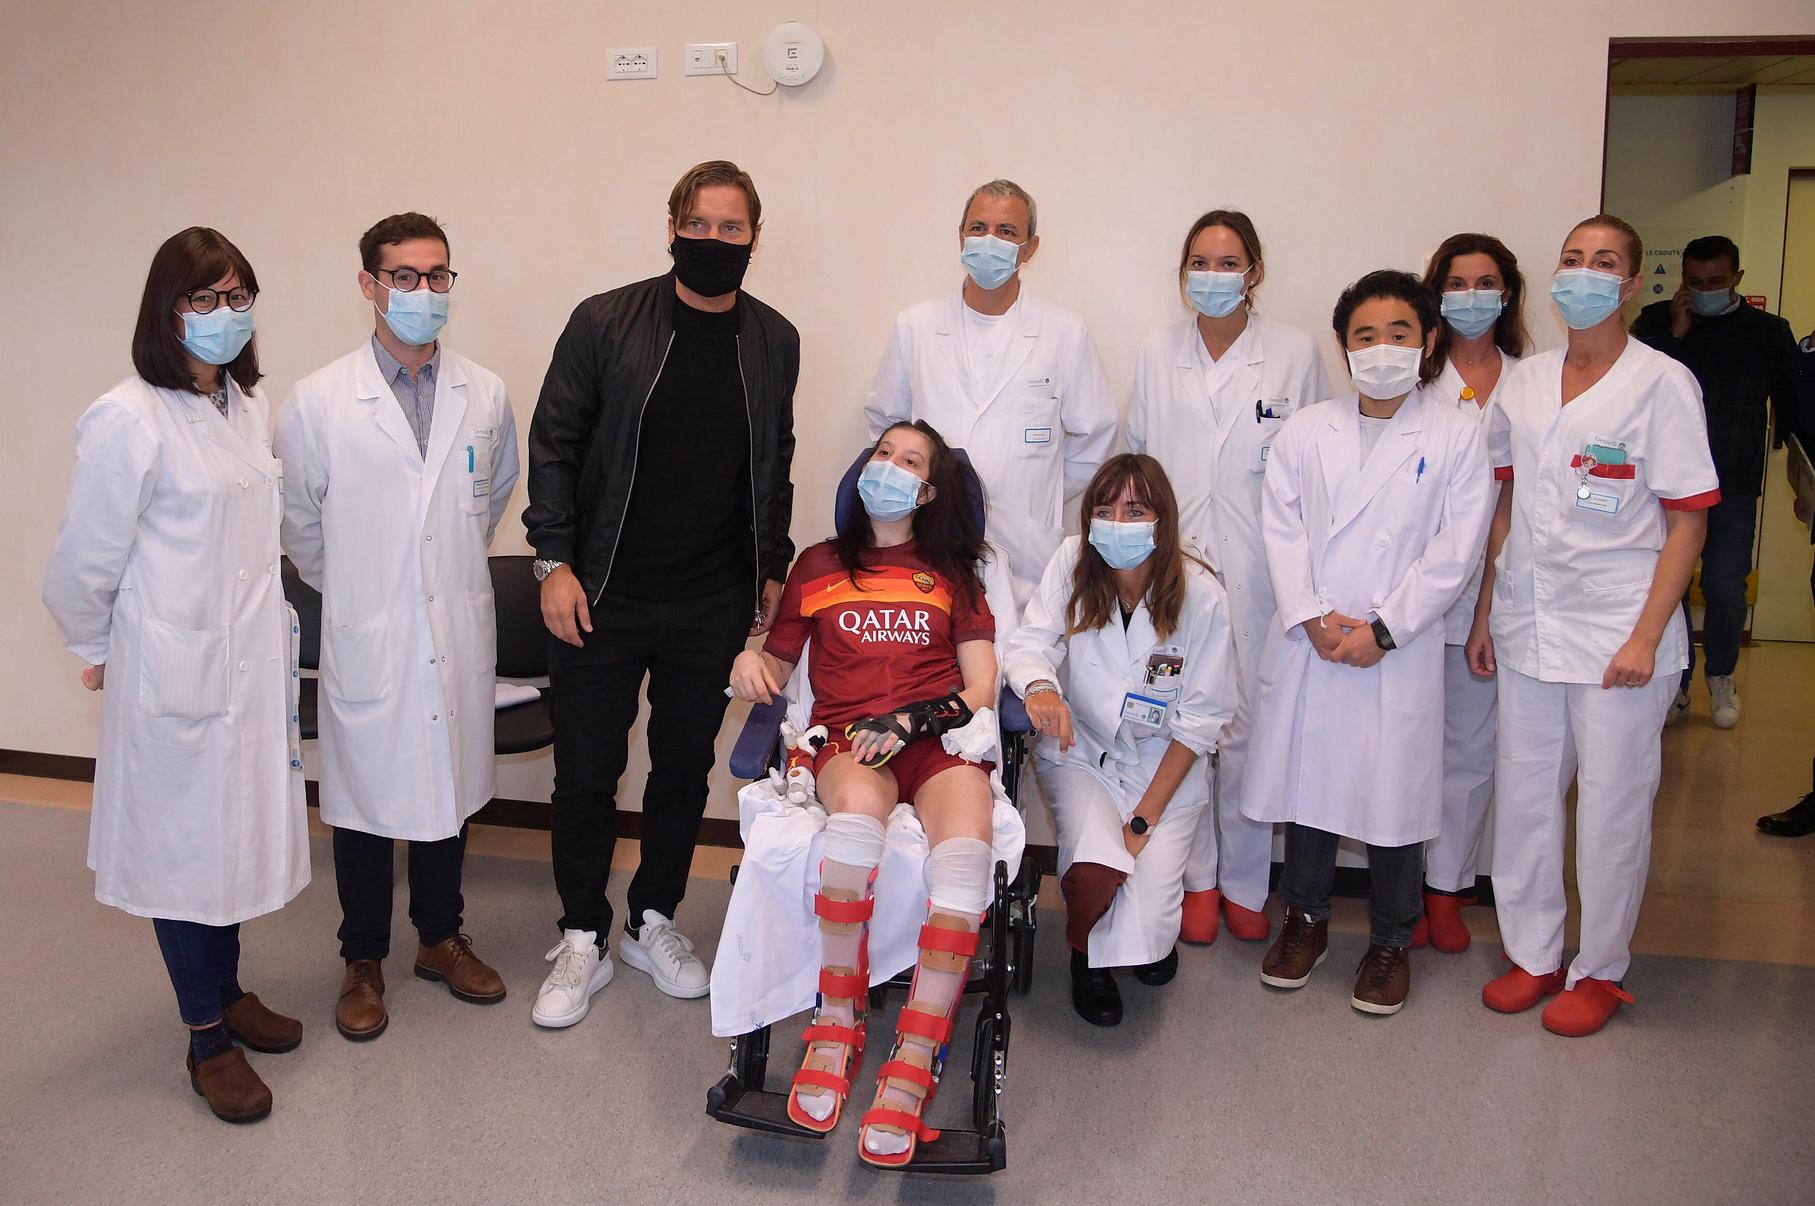 昏迷女球迷收到托蒂祝亚博提款出款效率福后苏醒,罗马传奇今日又到医院探望